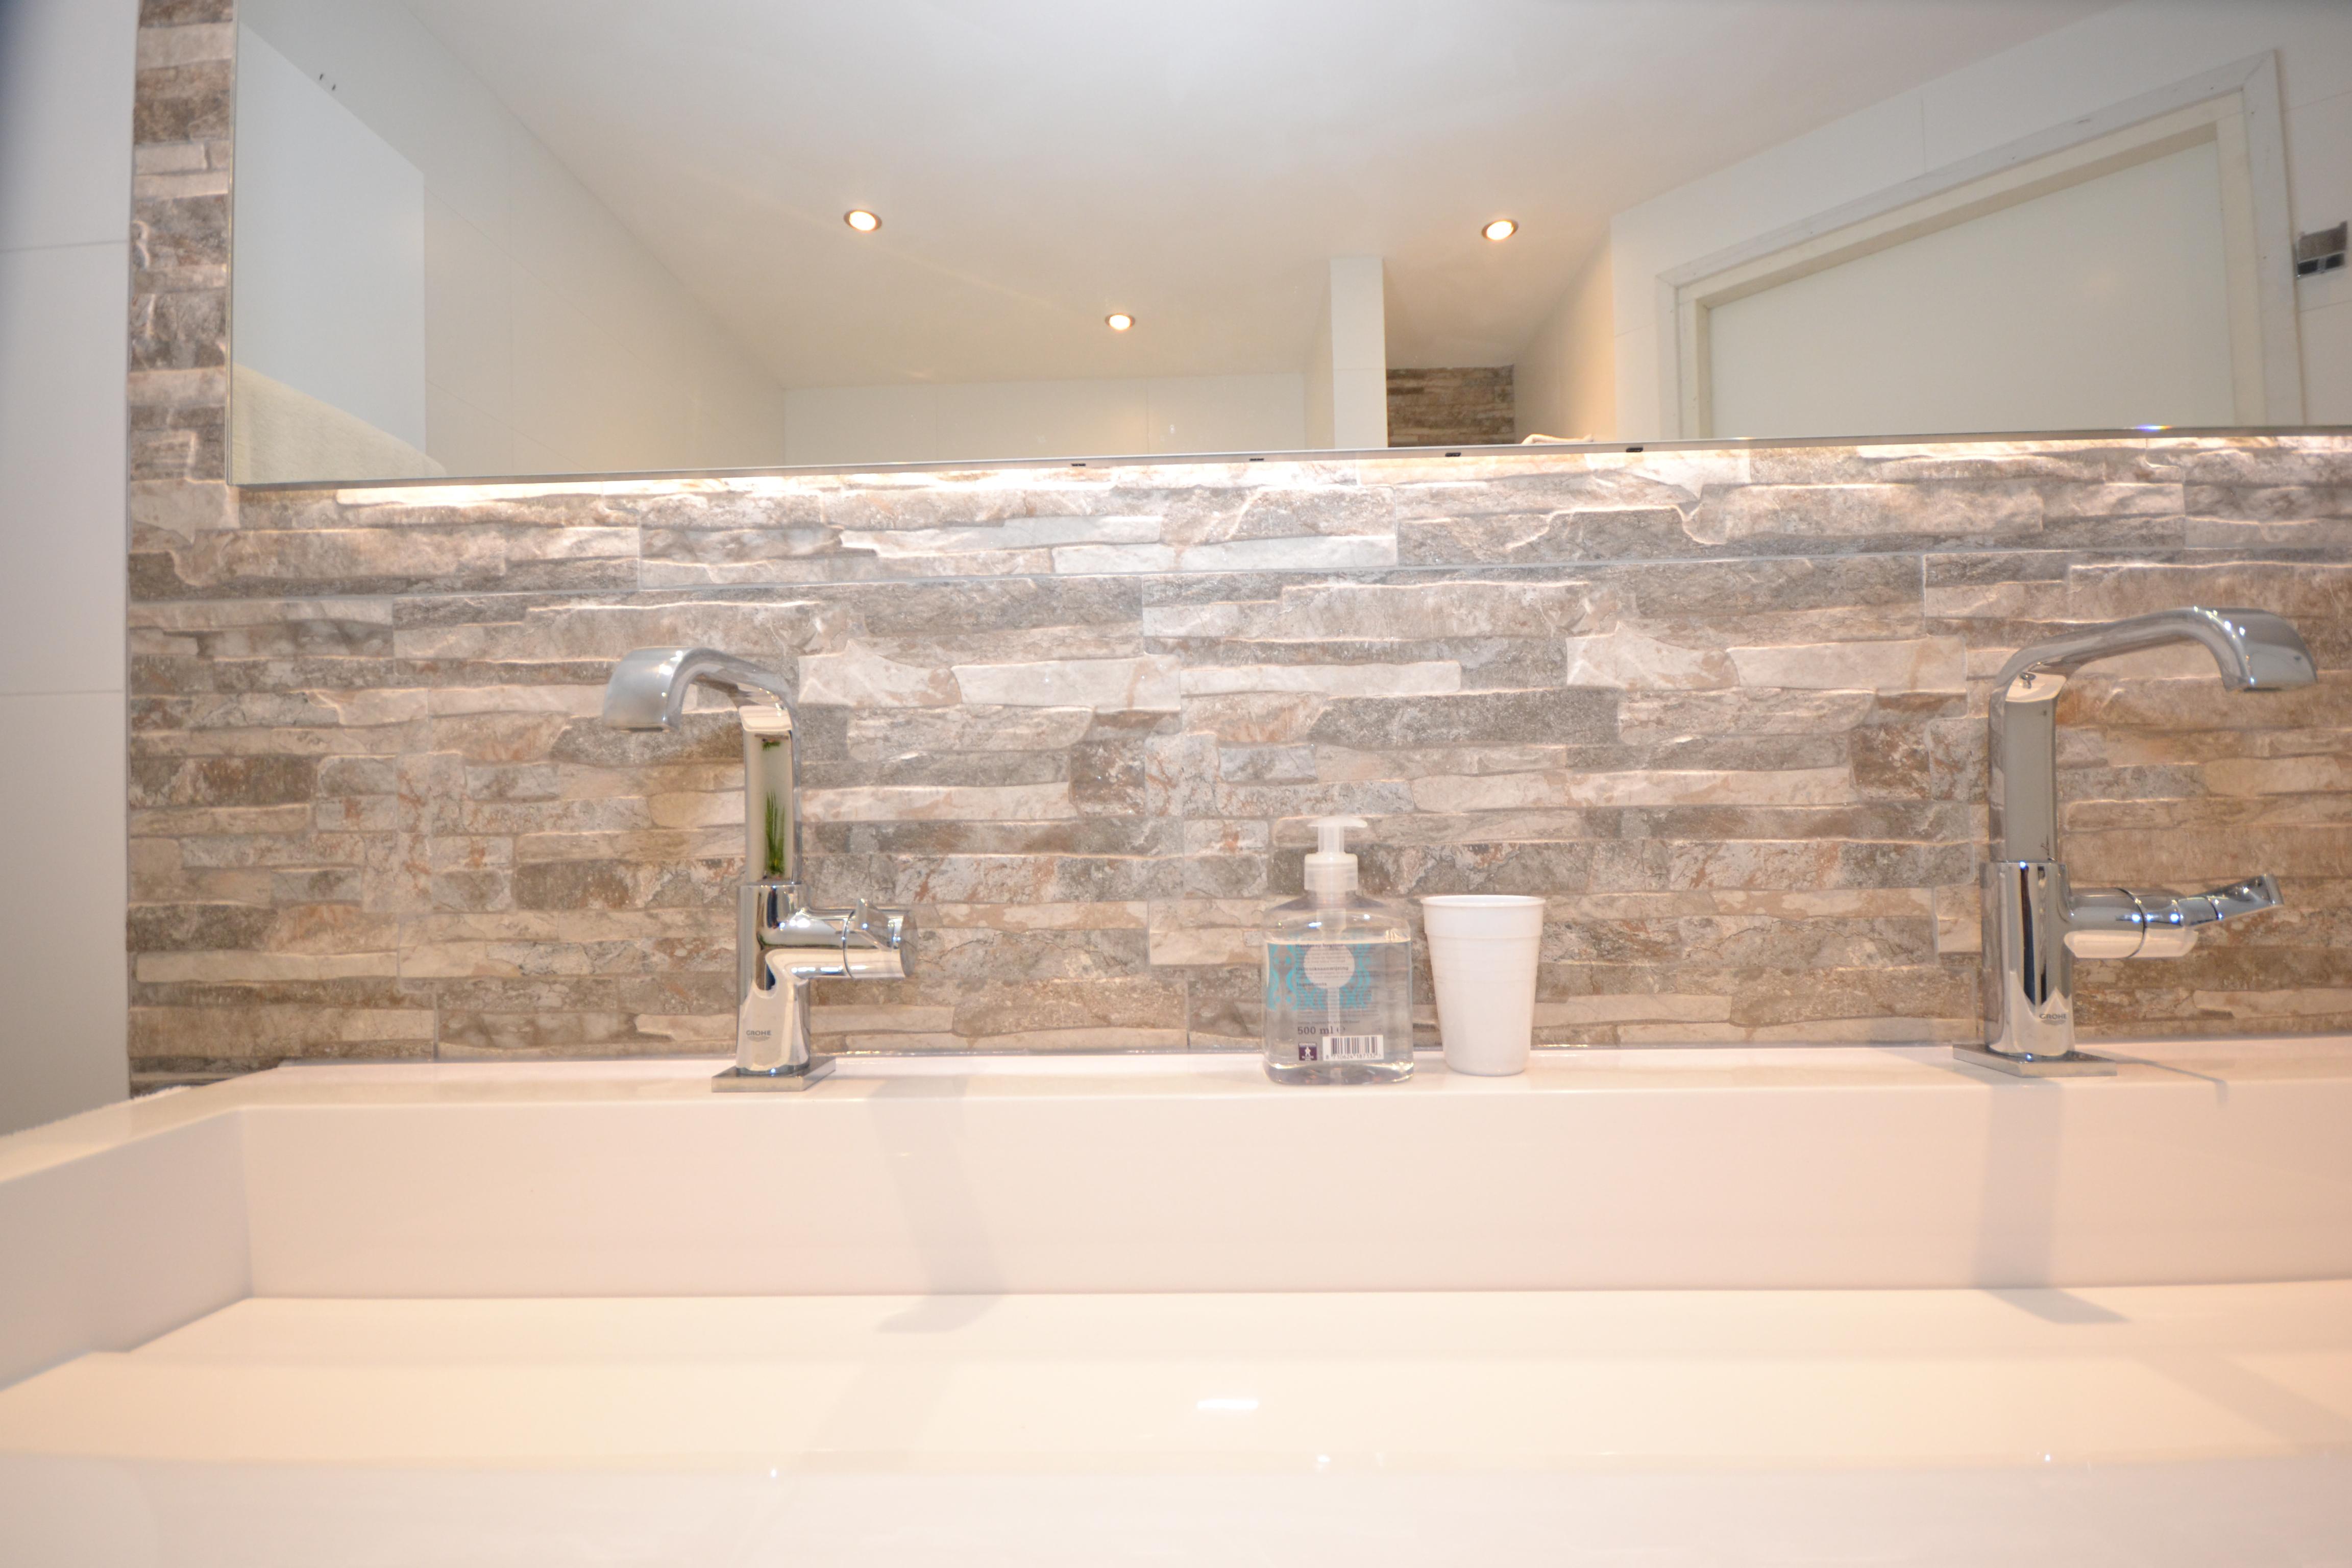 Grohe Kraan Badkamer : Luxe badkamer uden zuid ba s